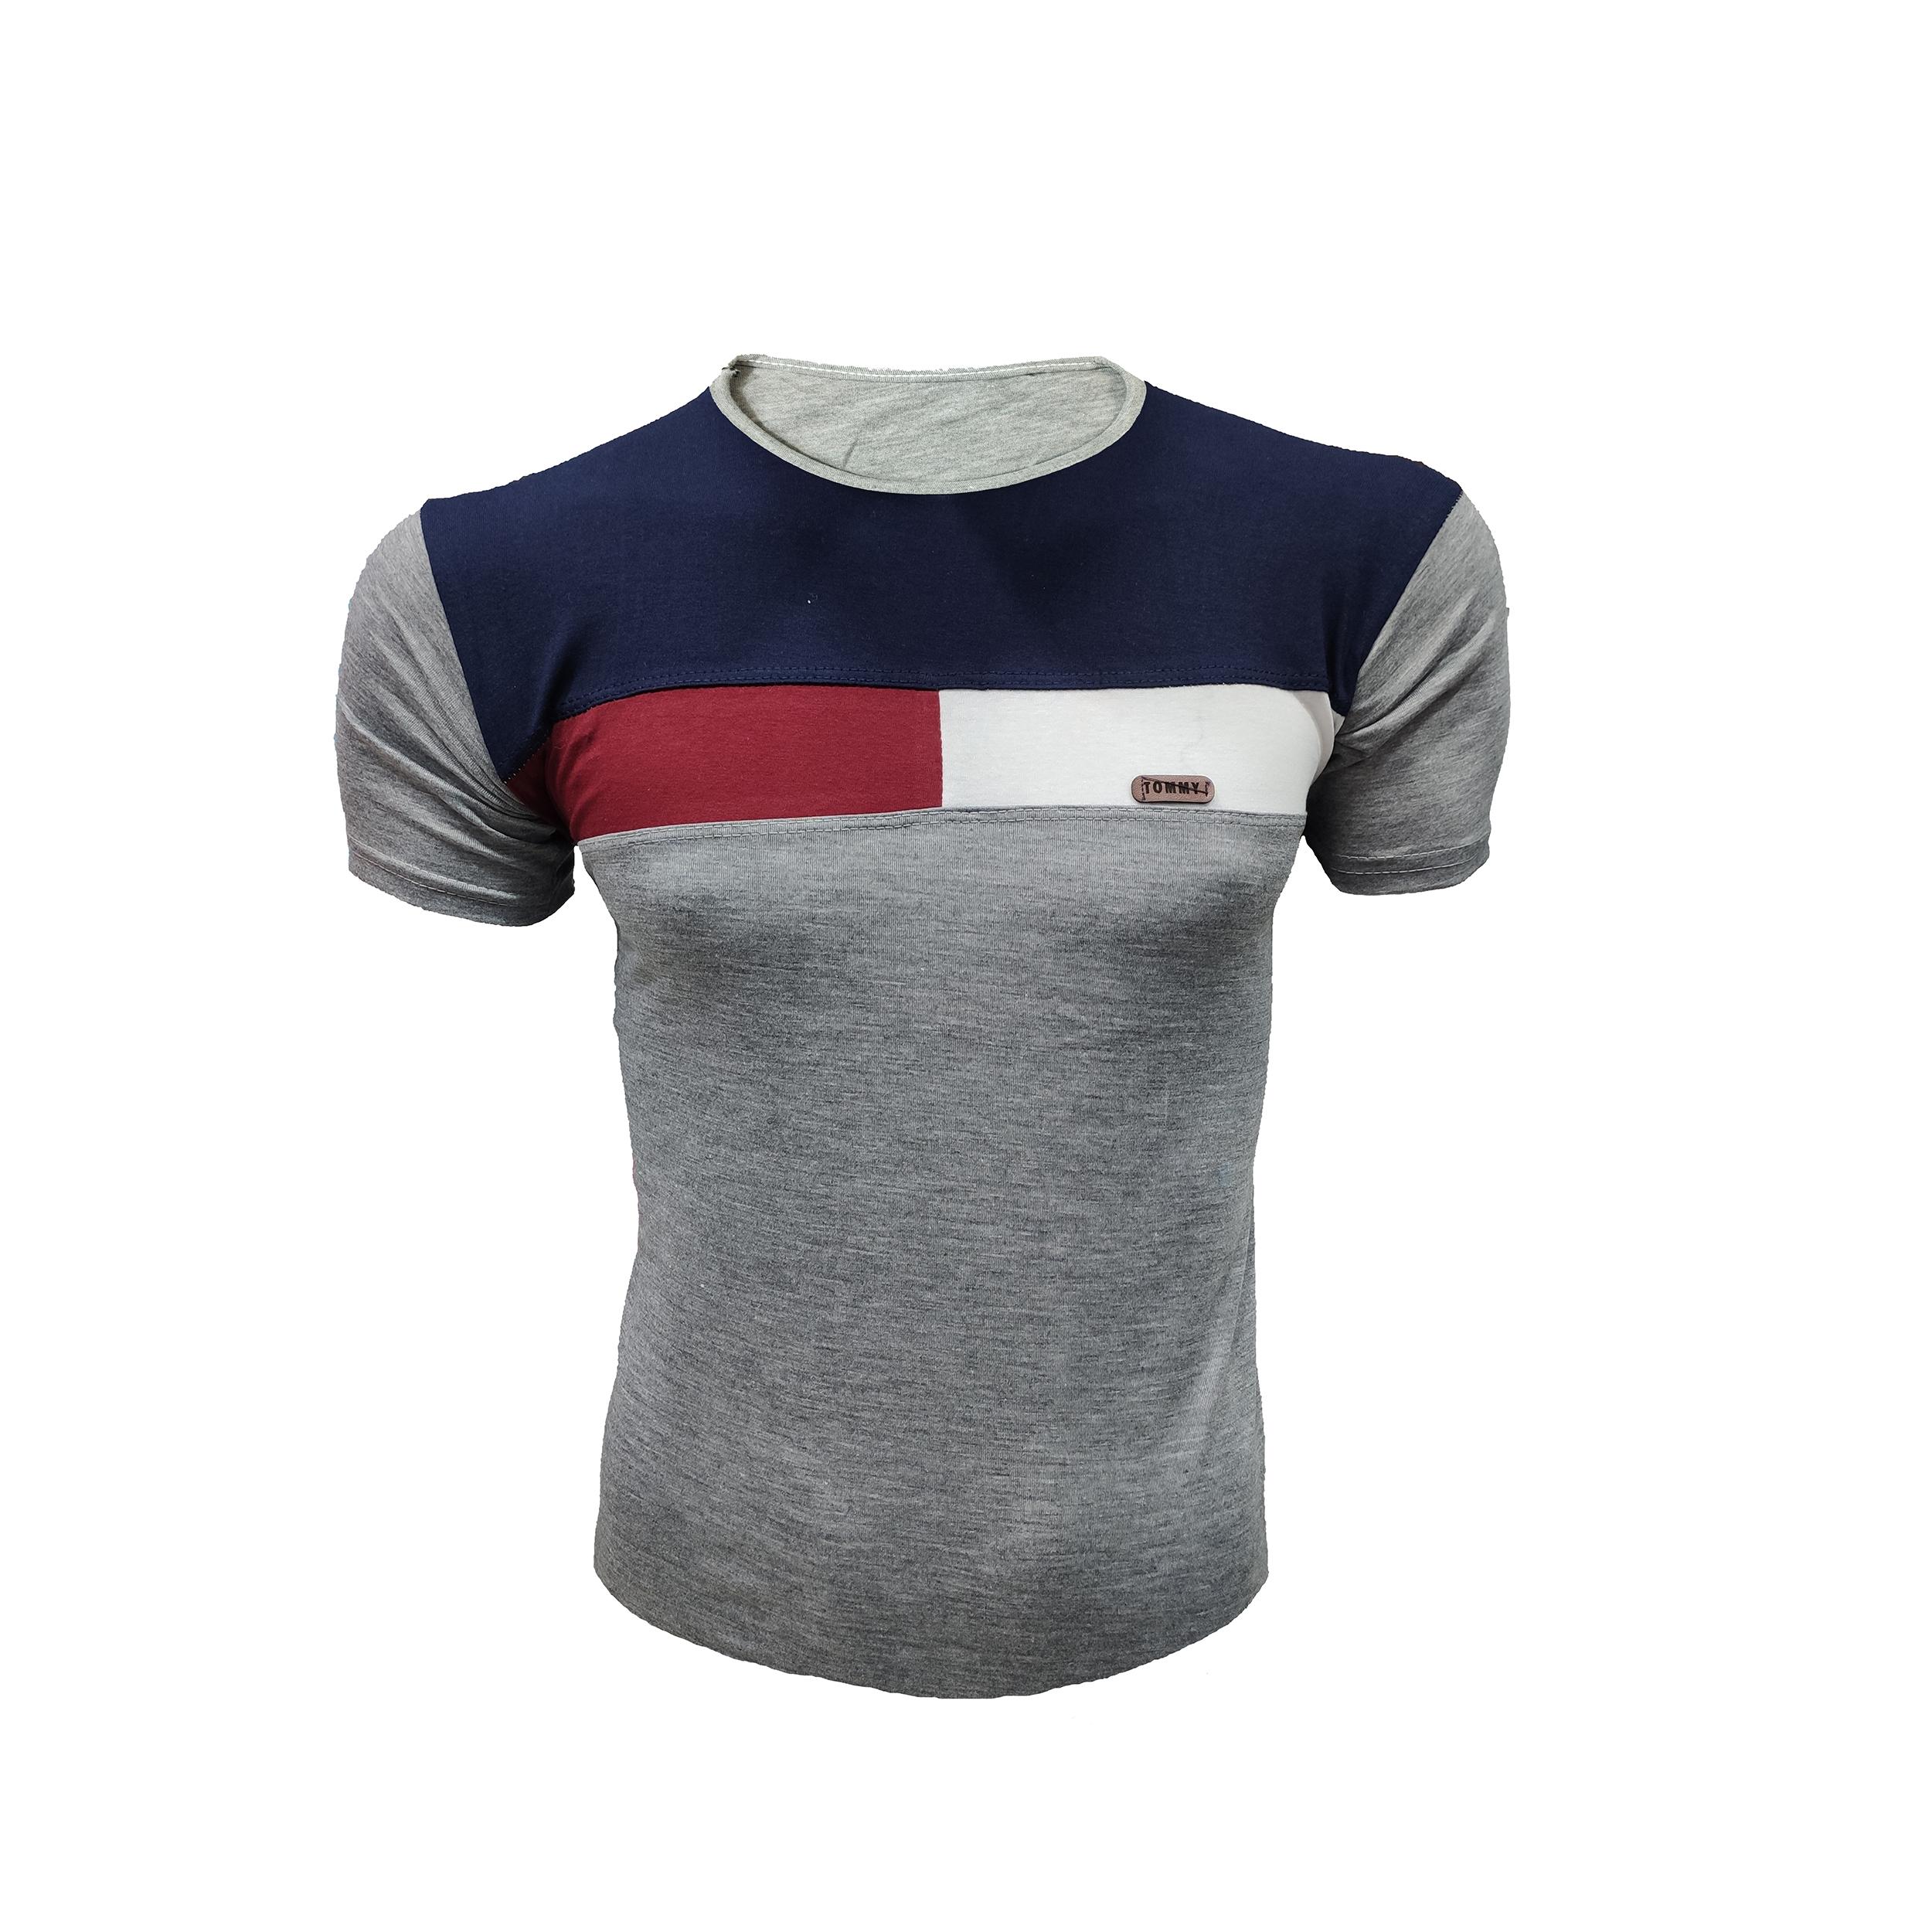 تی شرت آستین کوتاه مردانه مدل MTOMT                     غیر اصل